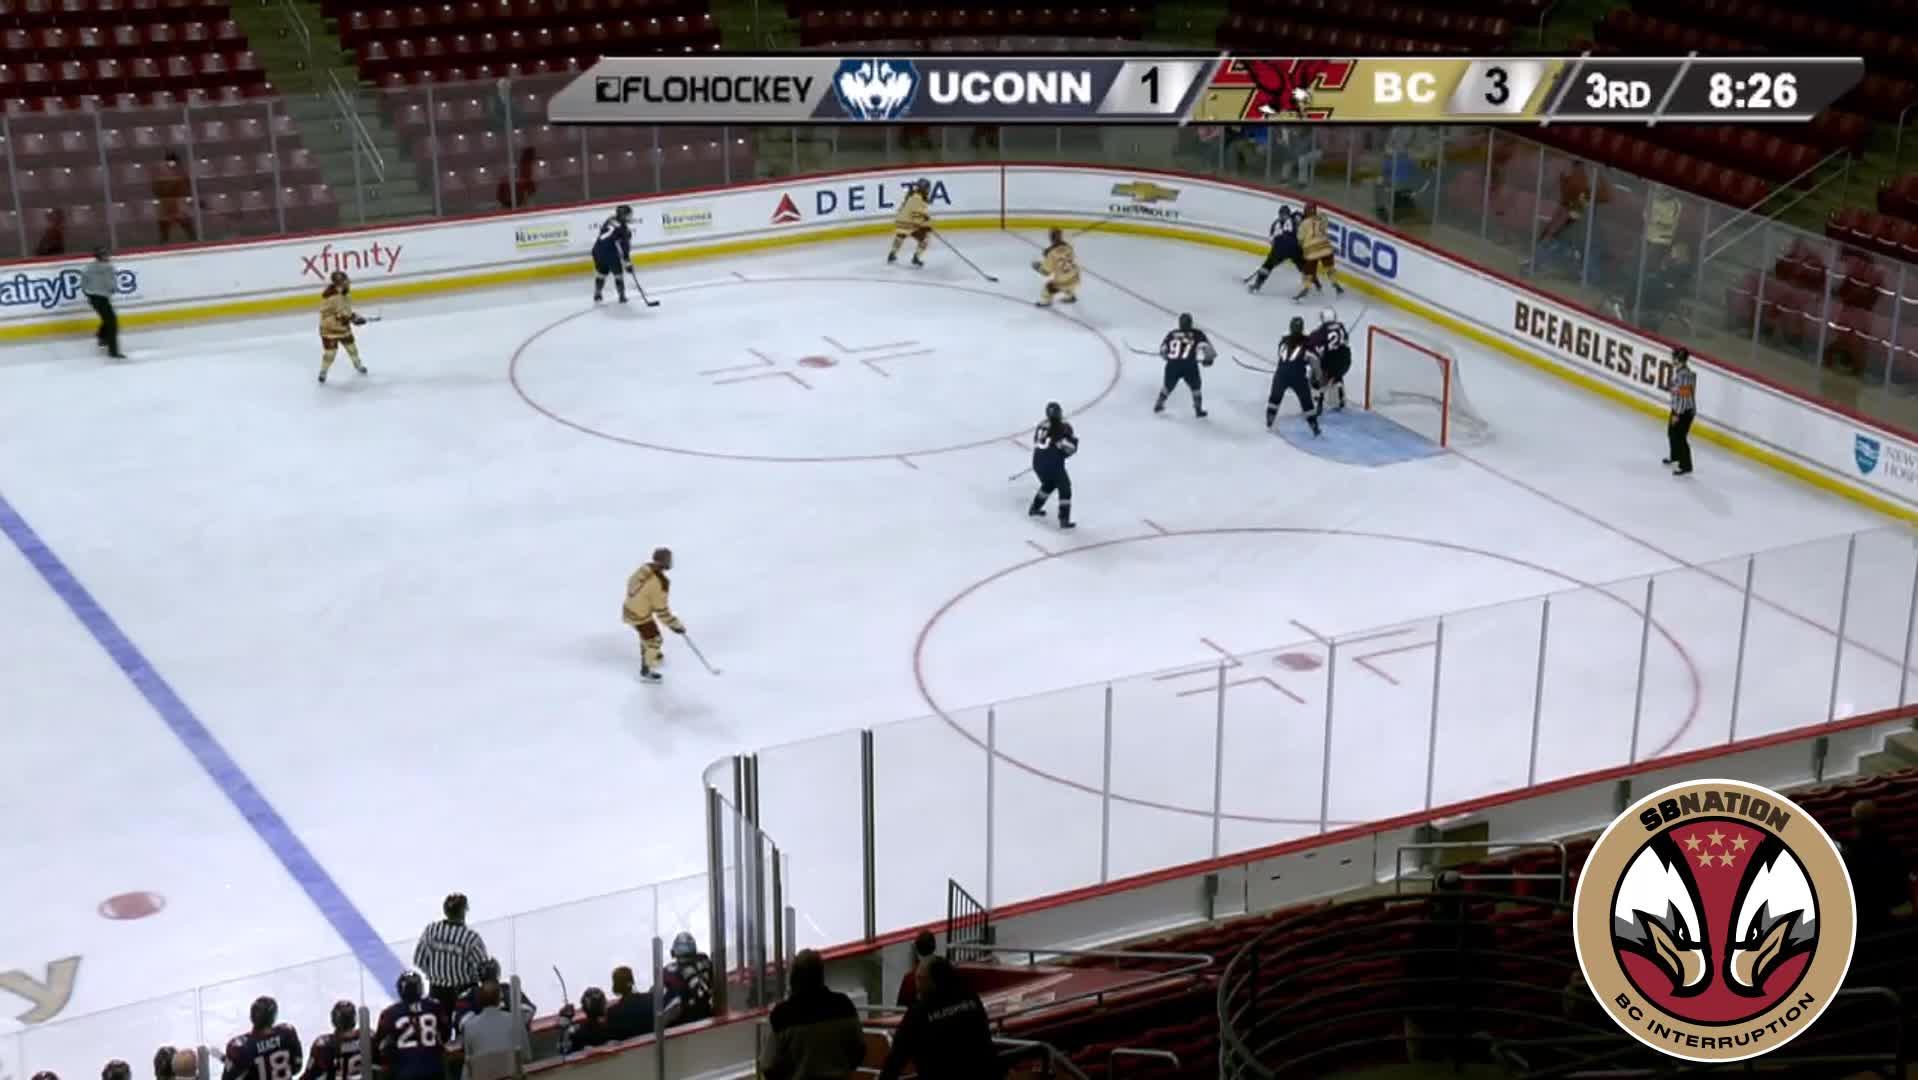 hockey, 5 Newkirk (W) UConn 3/1/19 GIFs